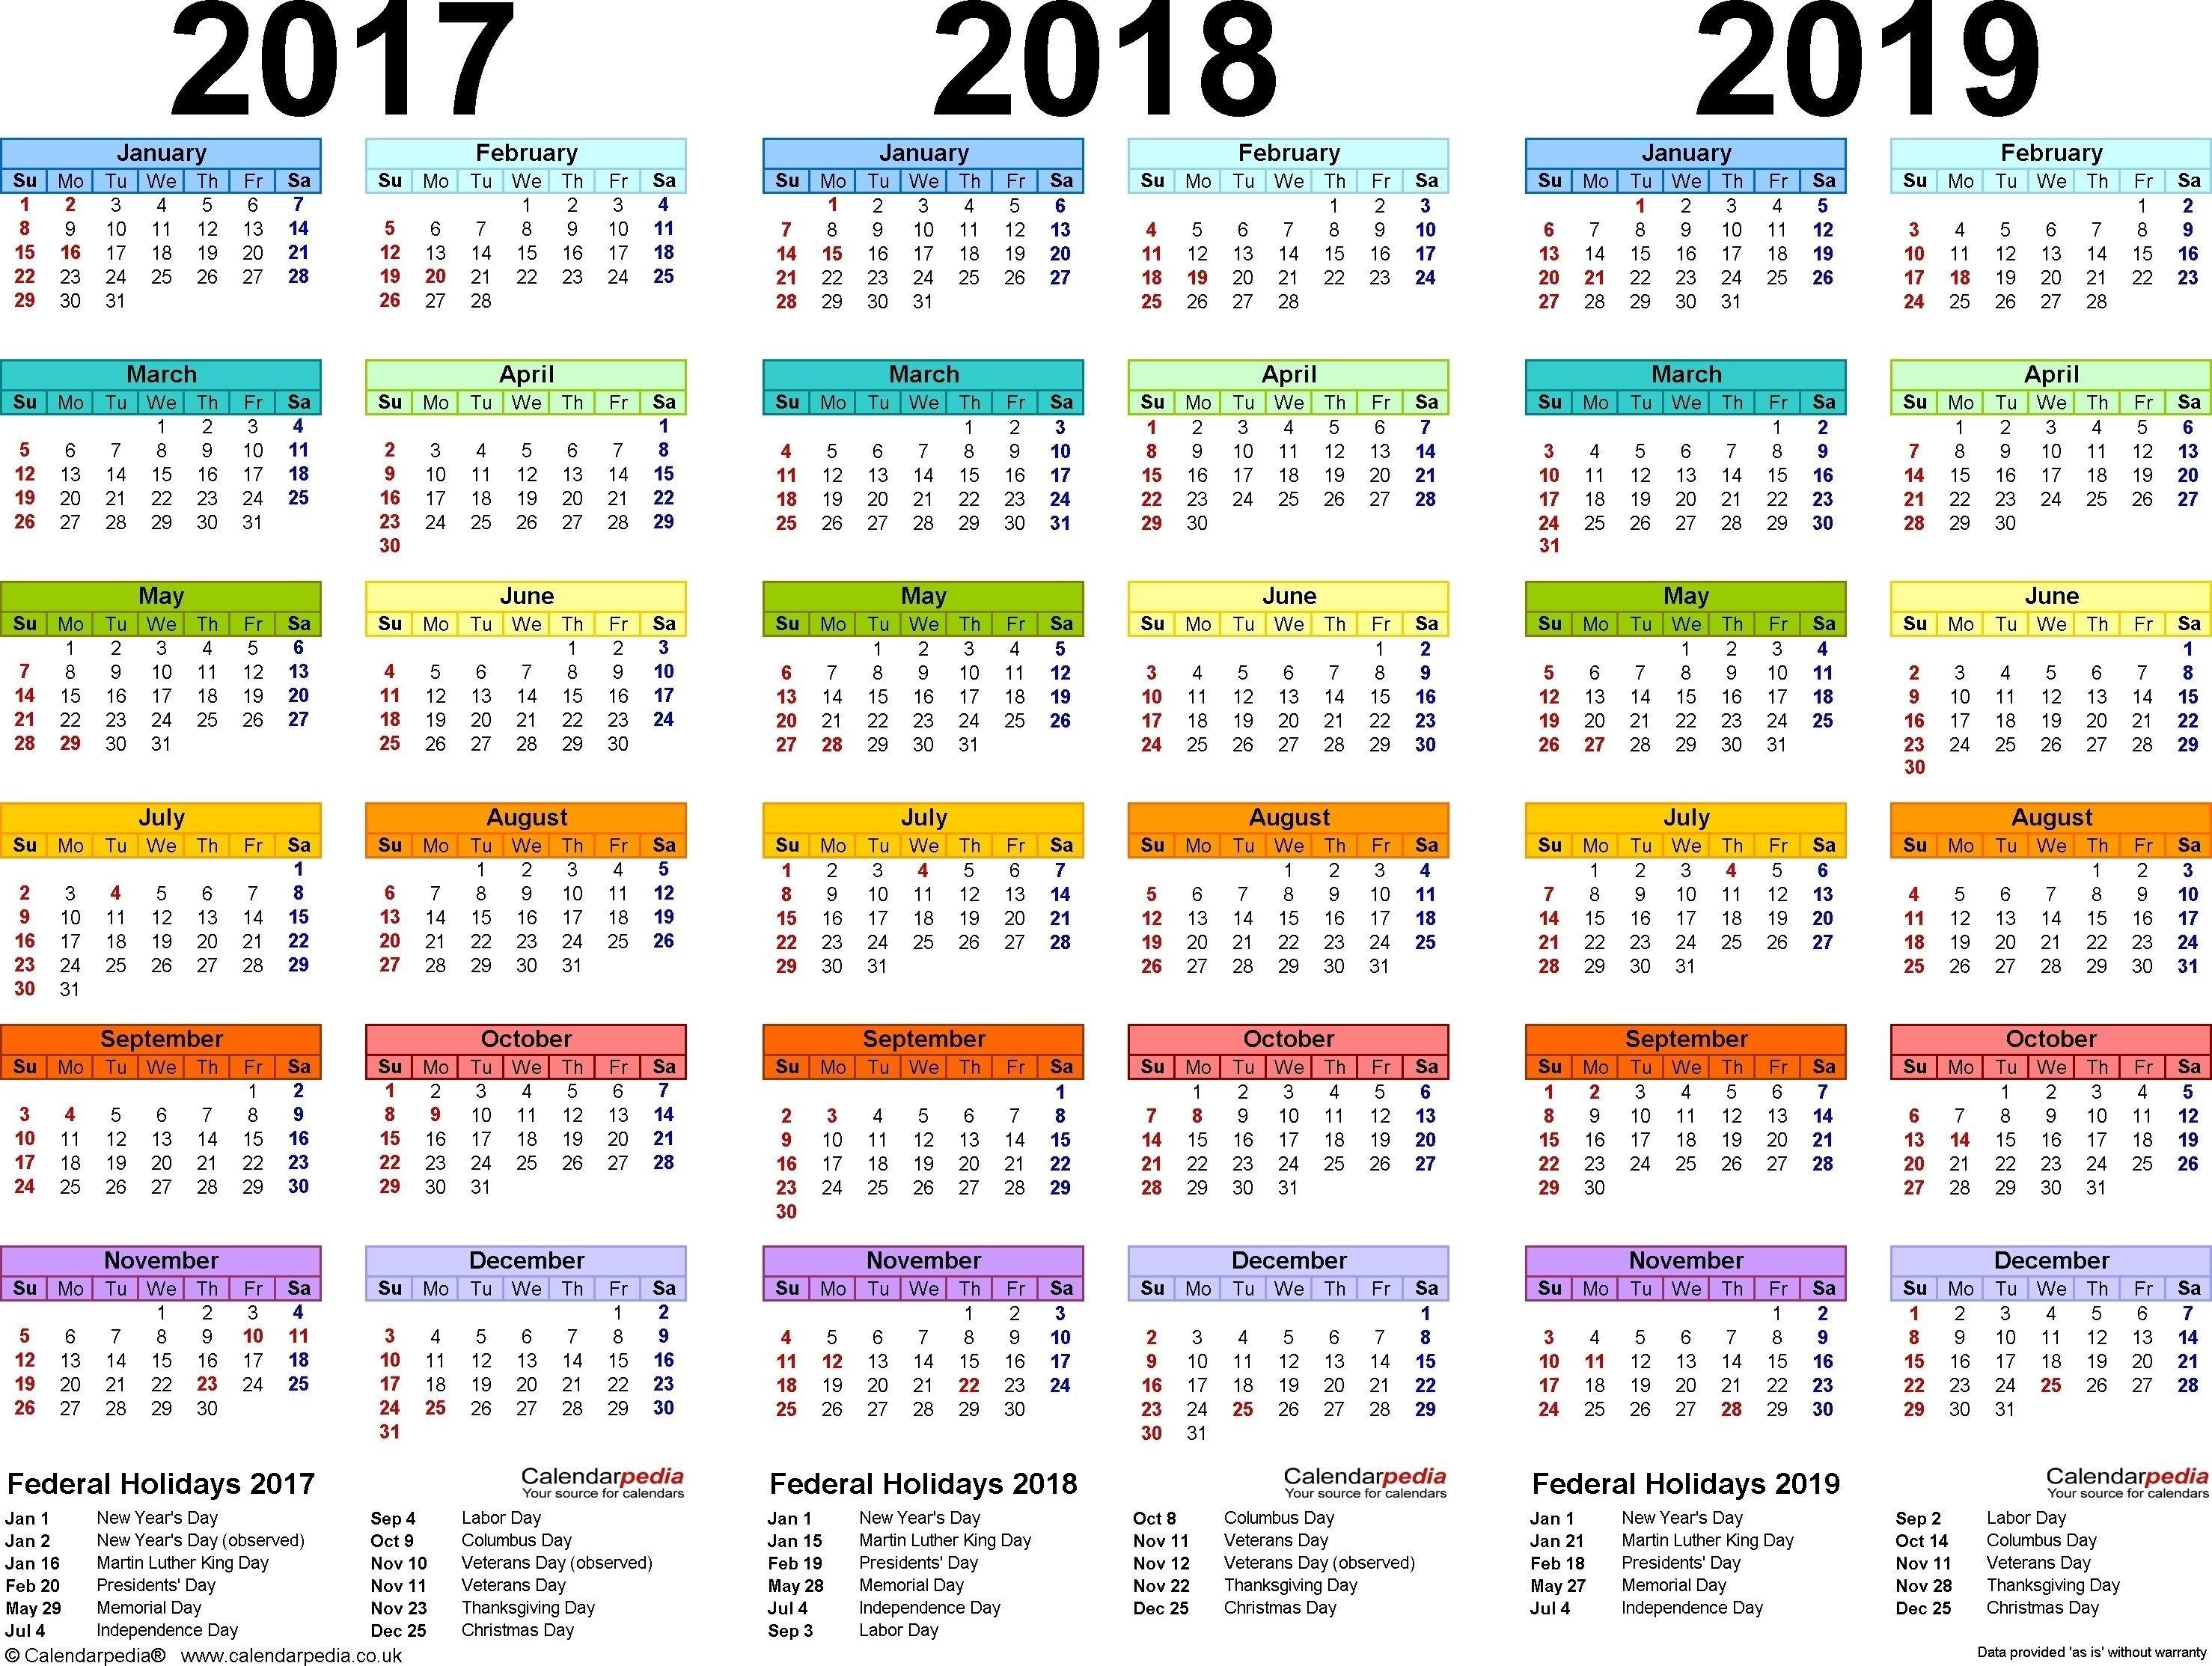 Depo Provera Perpetual Calendar 2018 – Calendar Printable  Depo Provera Calendar 2021